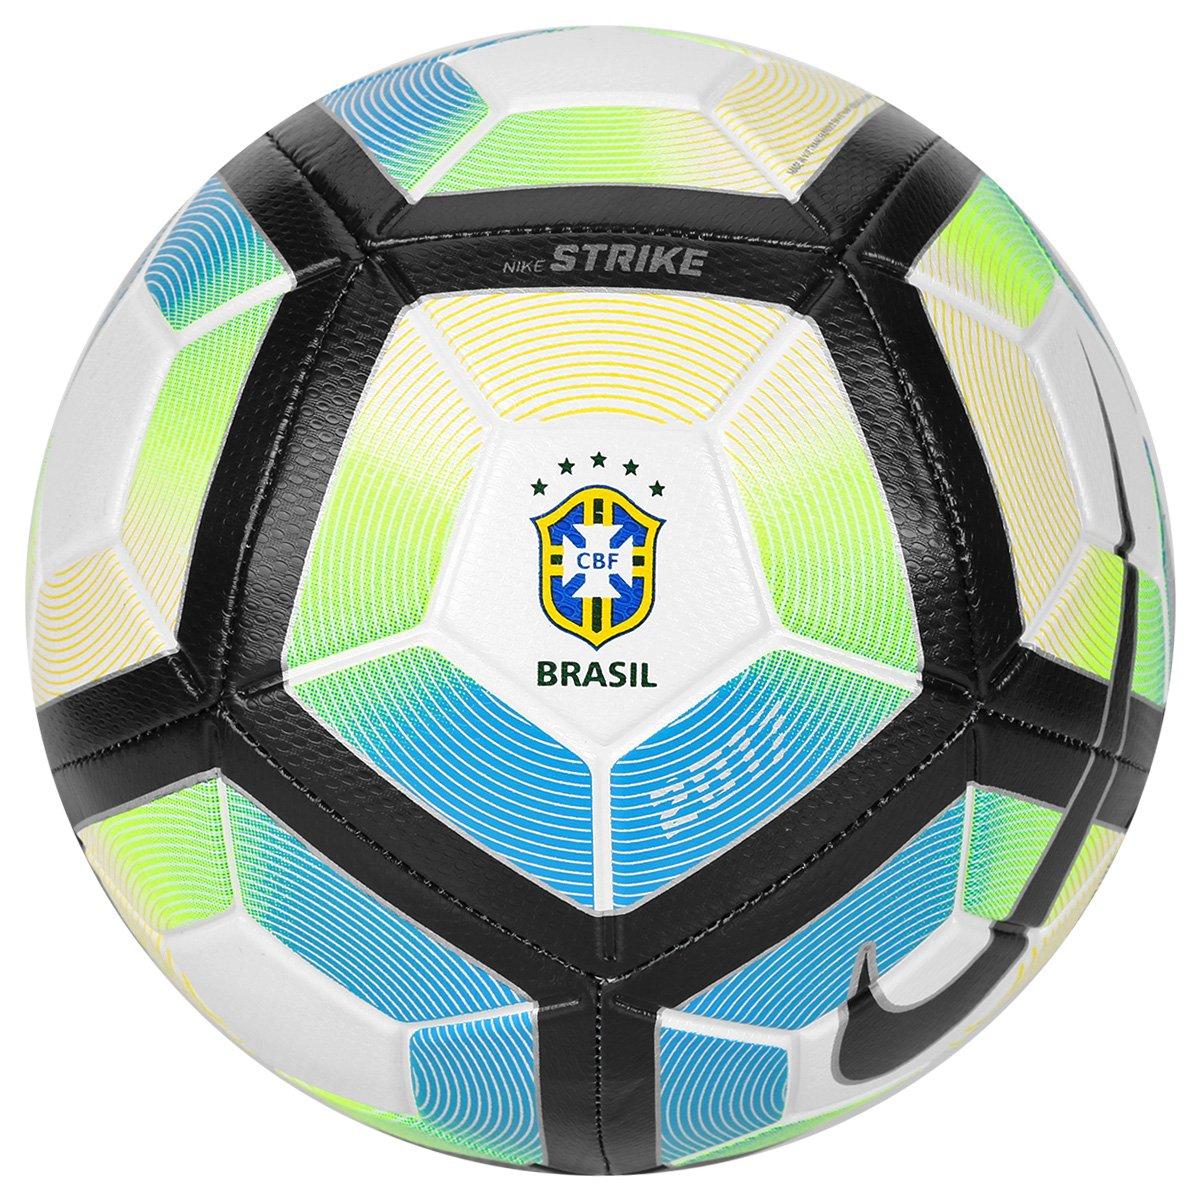 Bola futebol nike strike cbf campo preto e verde for Bolas para piscina de bolas